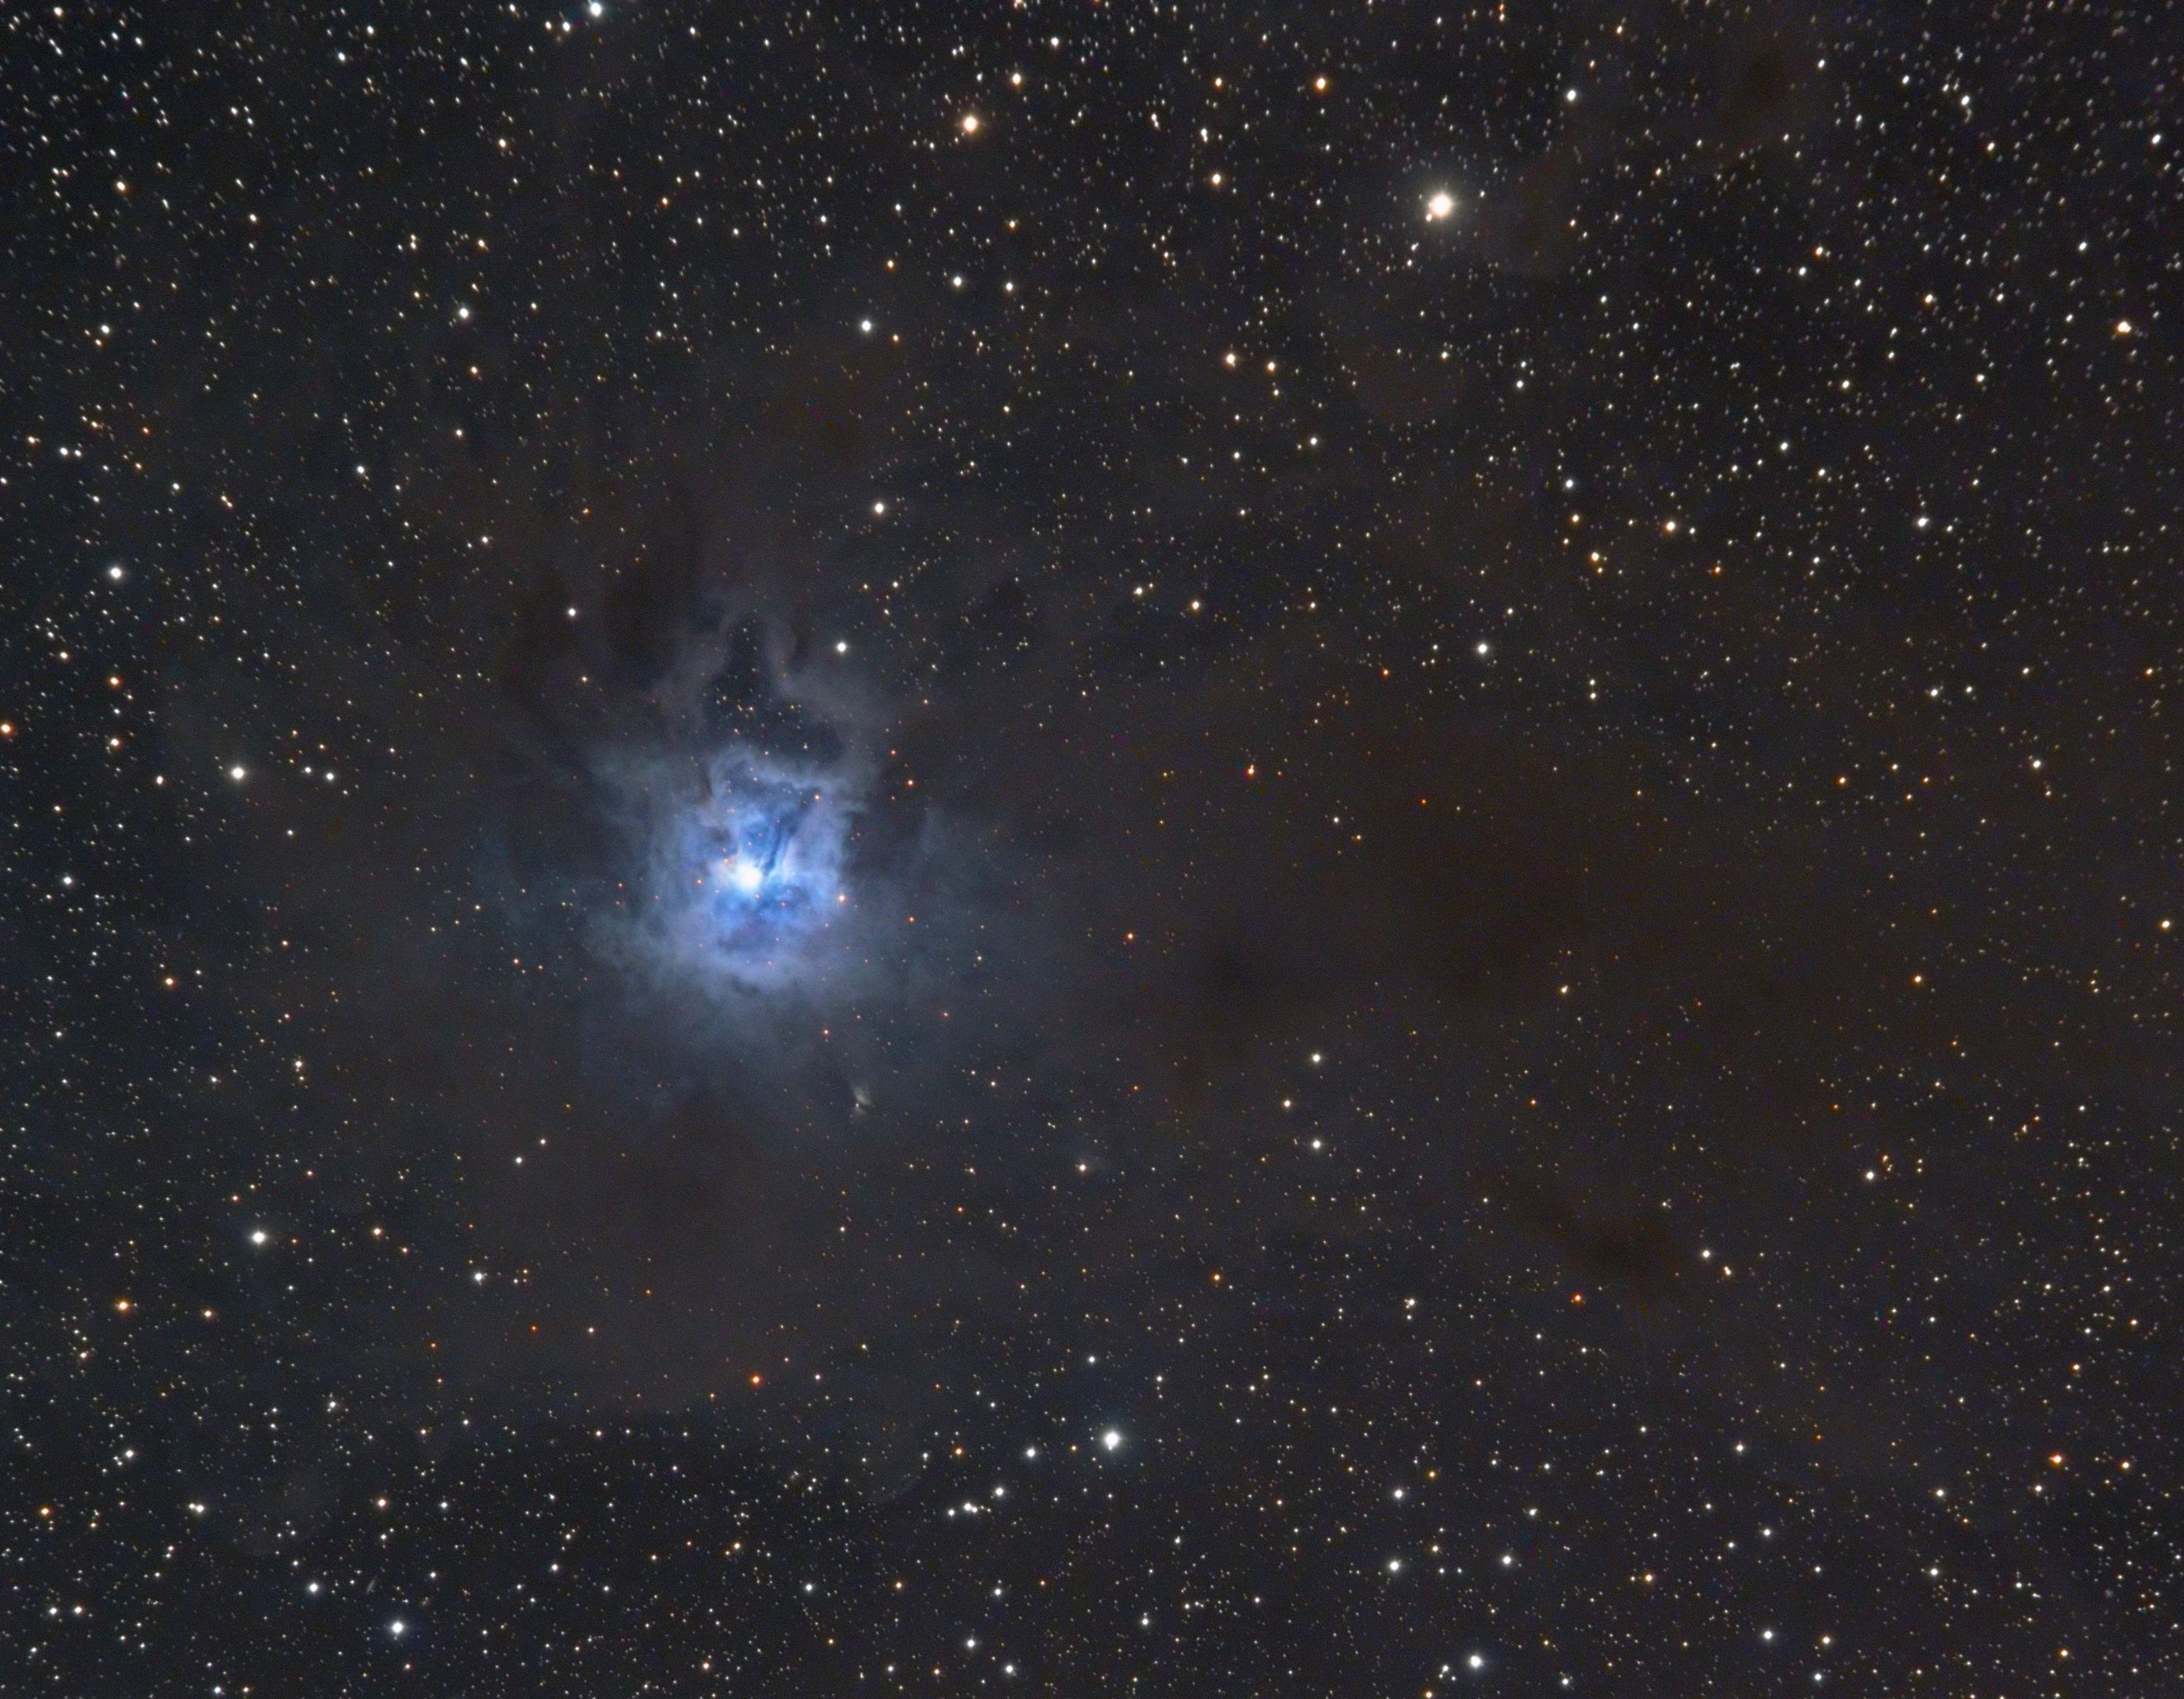 NGC 7023 - The Iris Nebula